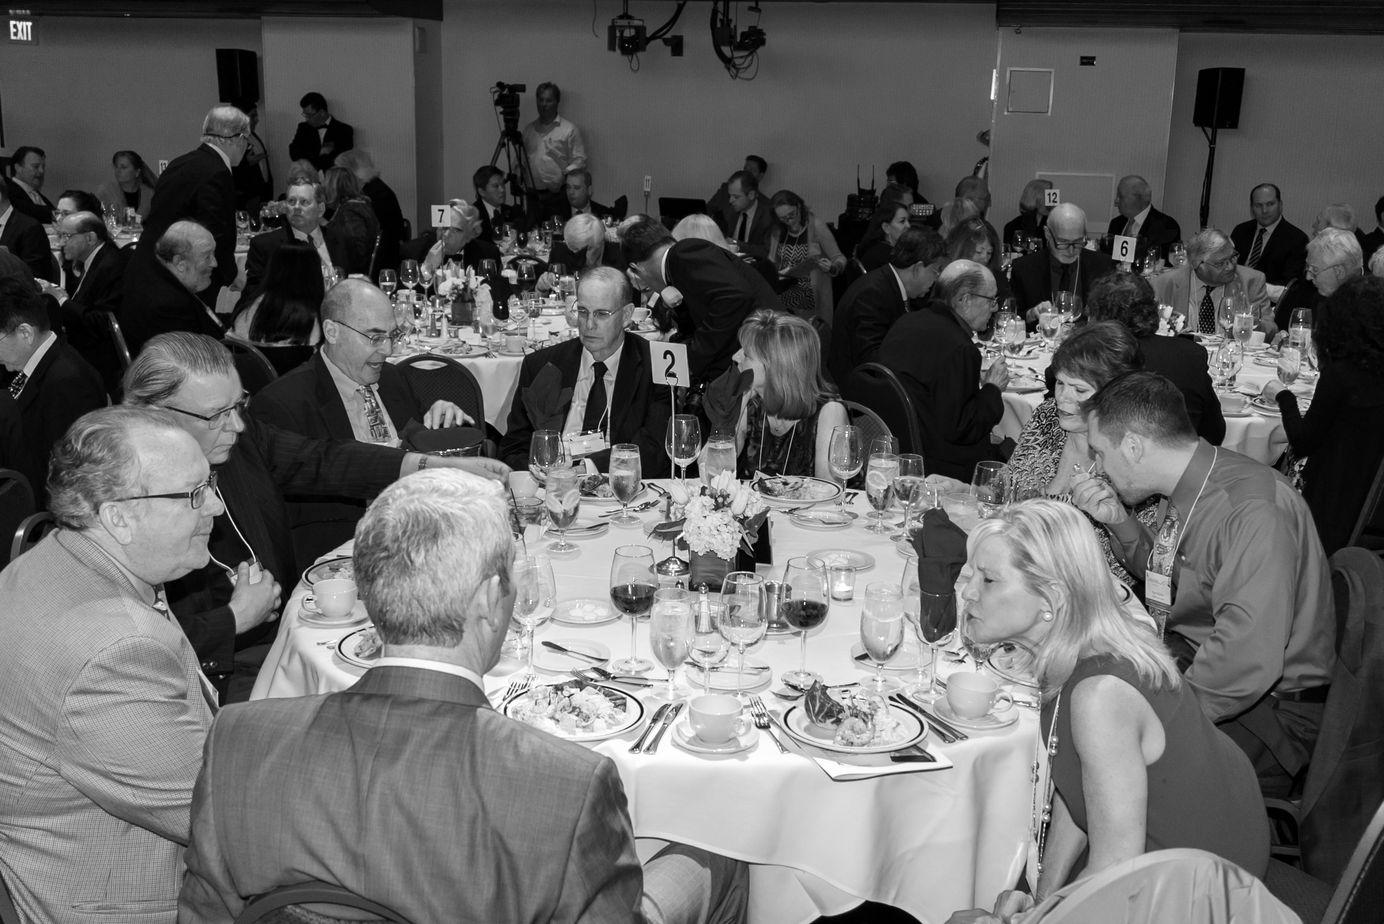 Calmark table enjoys conversation and cuisine